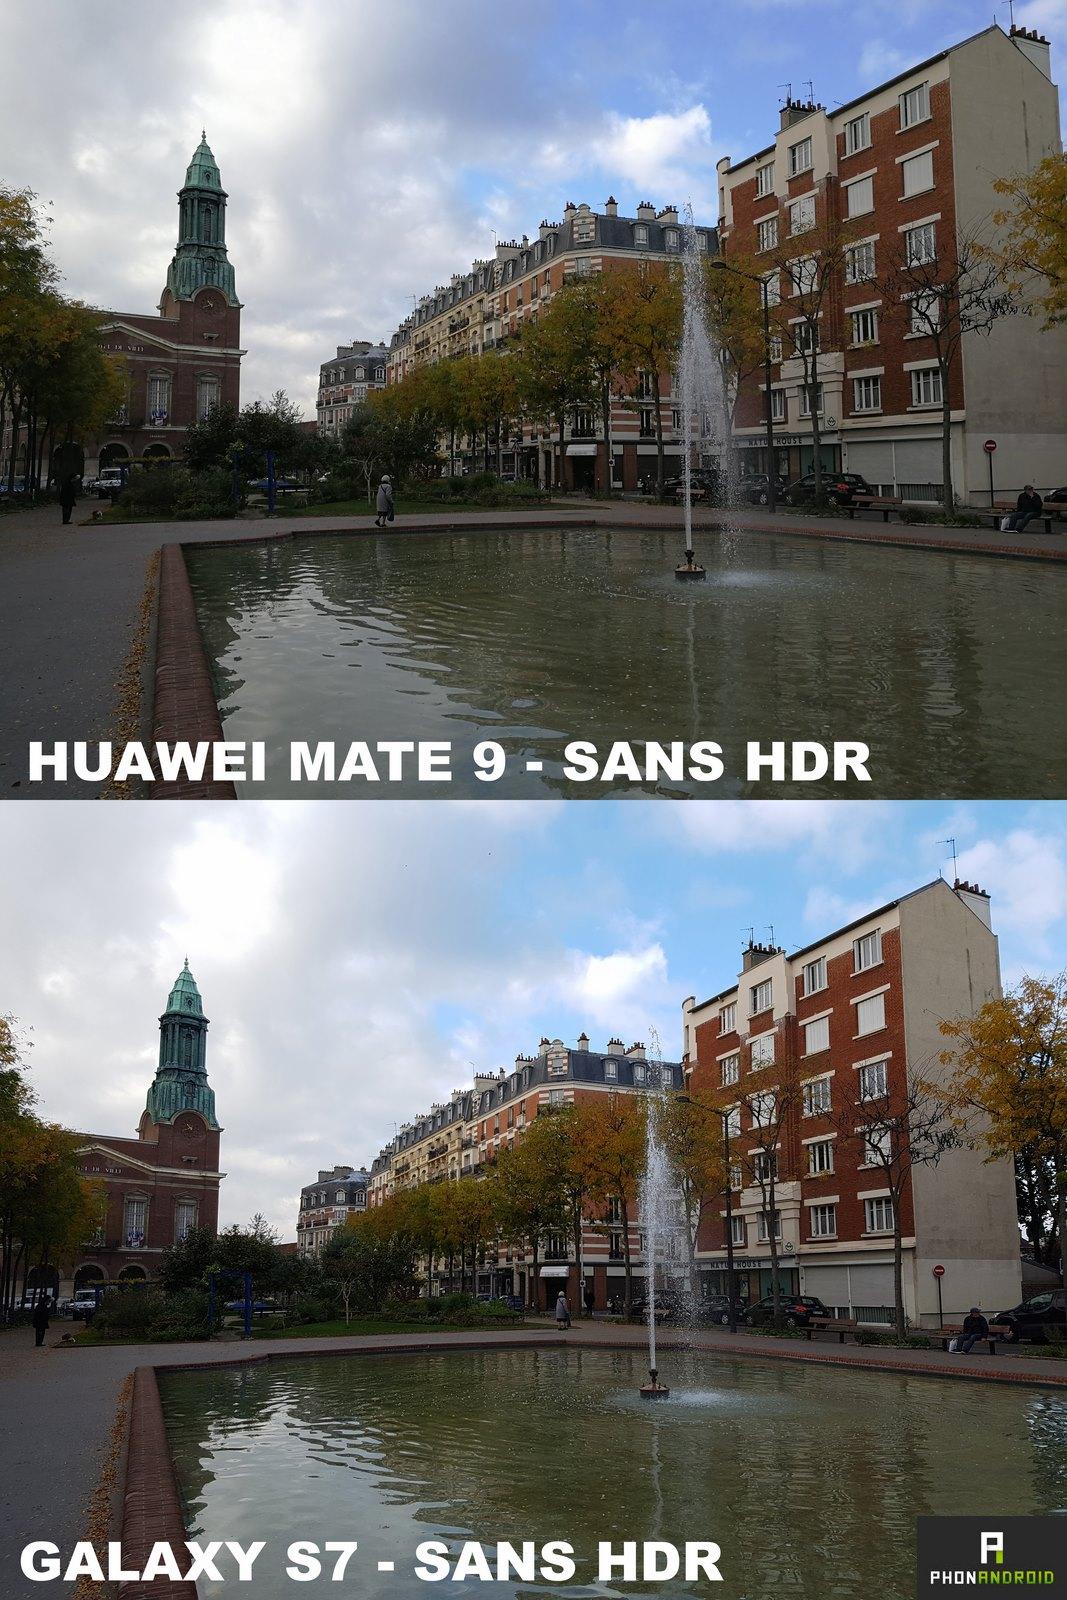 huawei mate 9 photo sans hdr